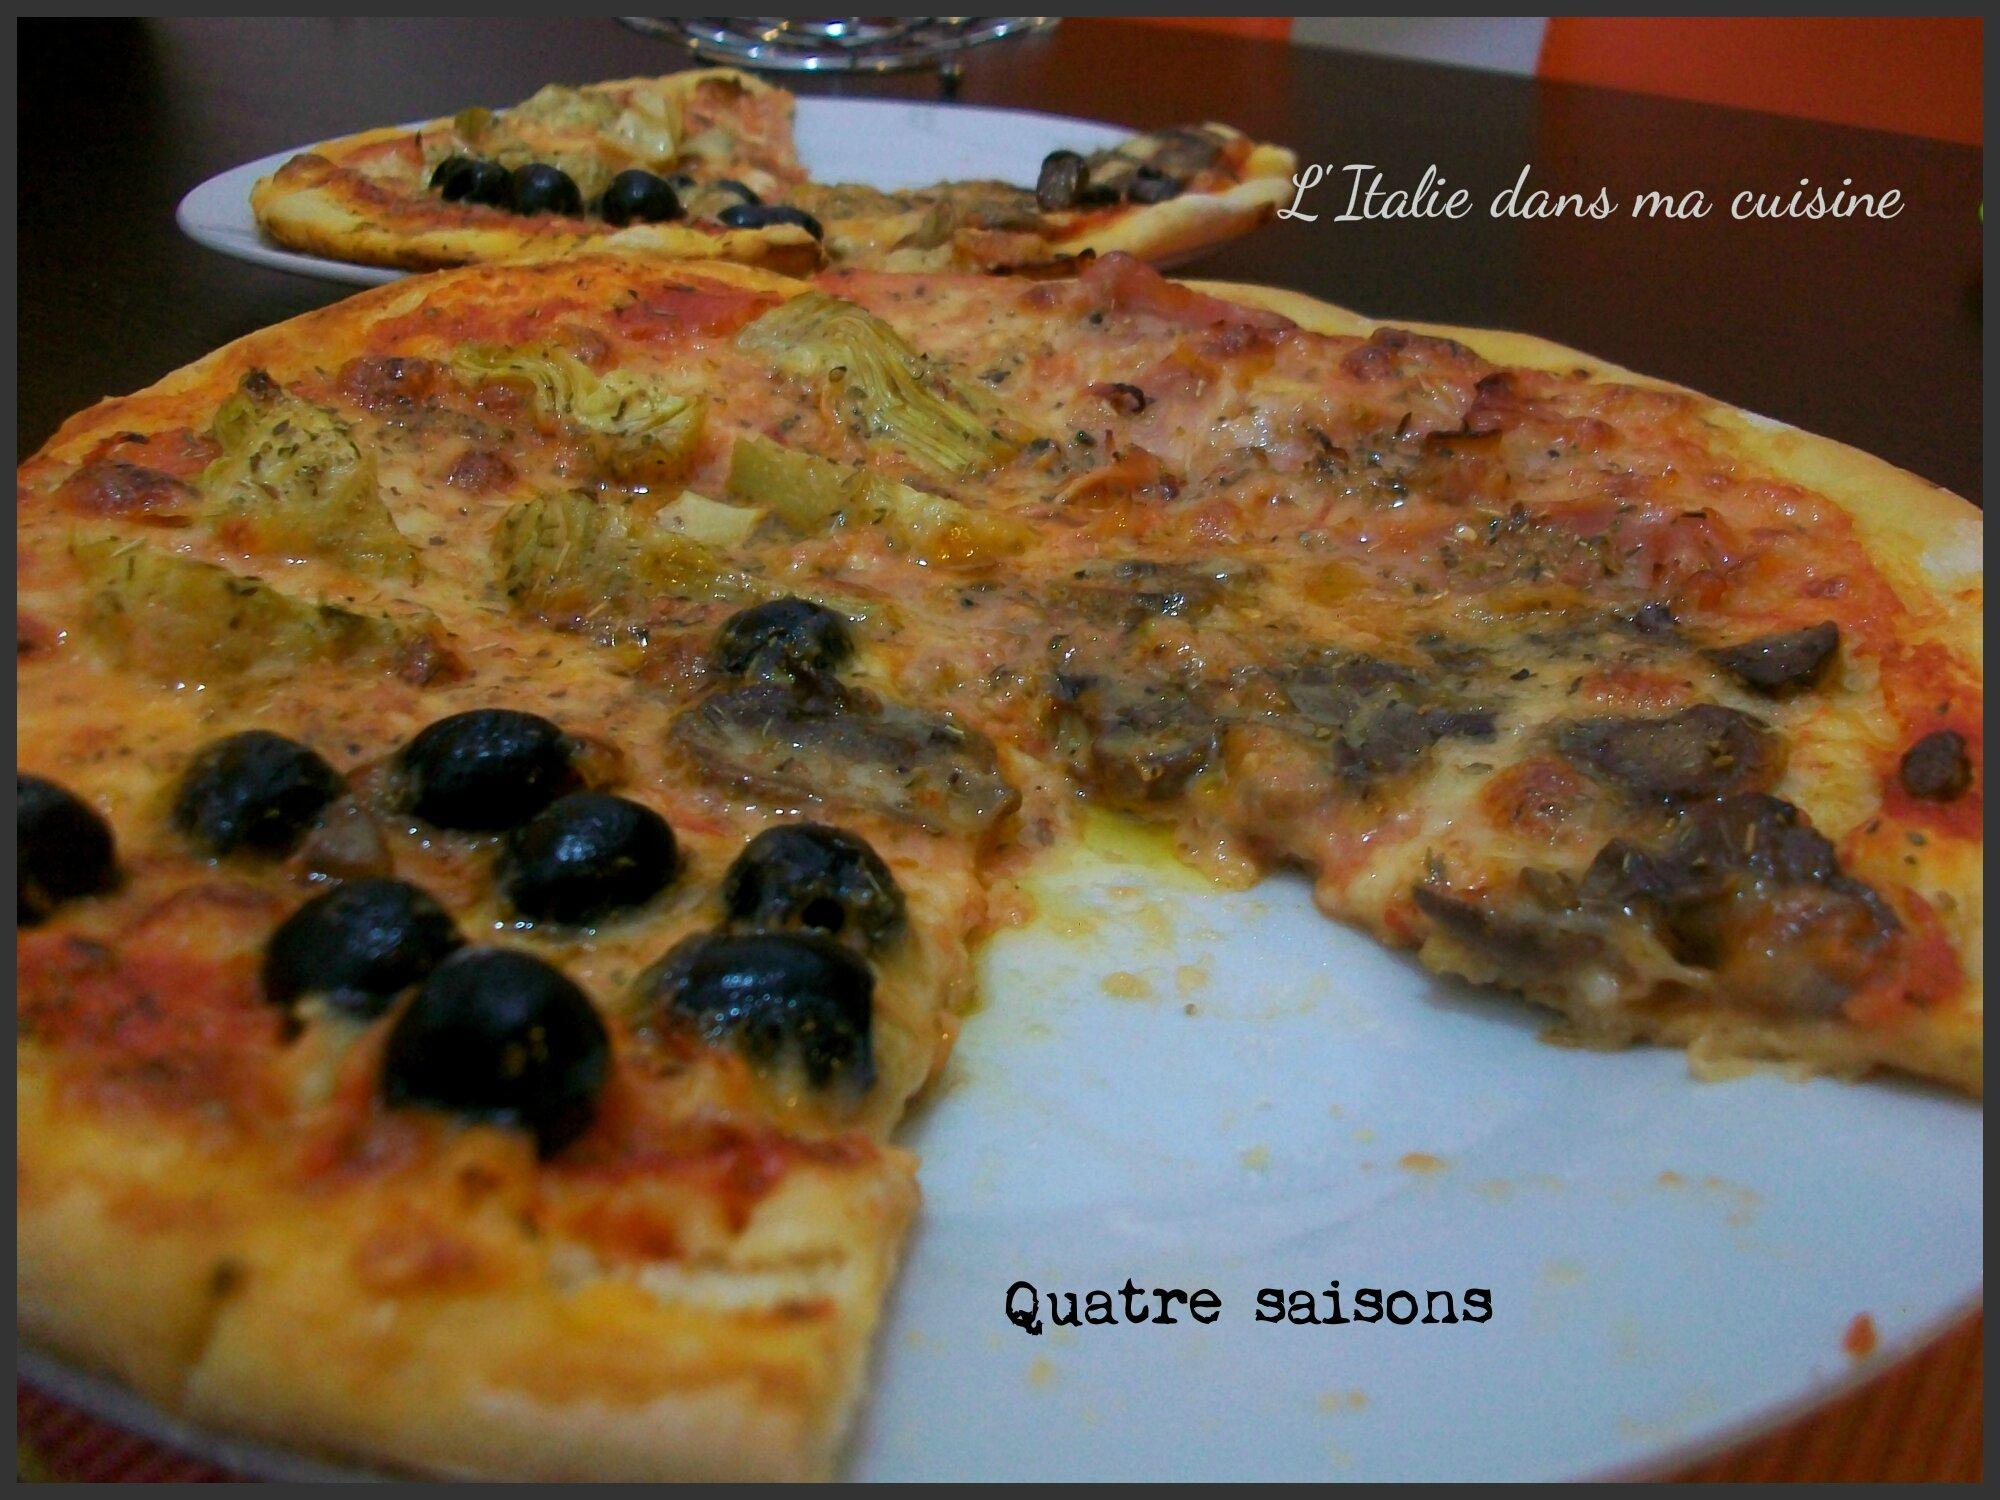 pizza quatre saisons l 39 italie dans ma cuisine. Black Bedroom Furniture Sets. Home Design Ideas